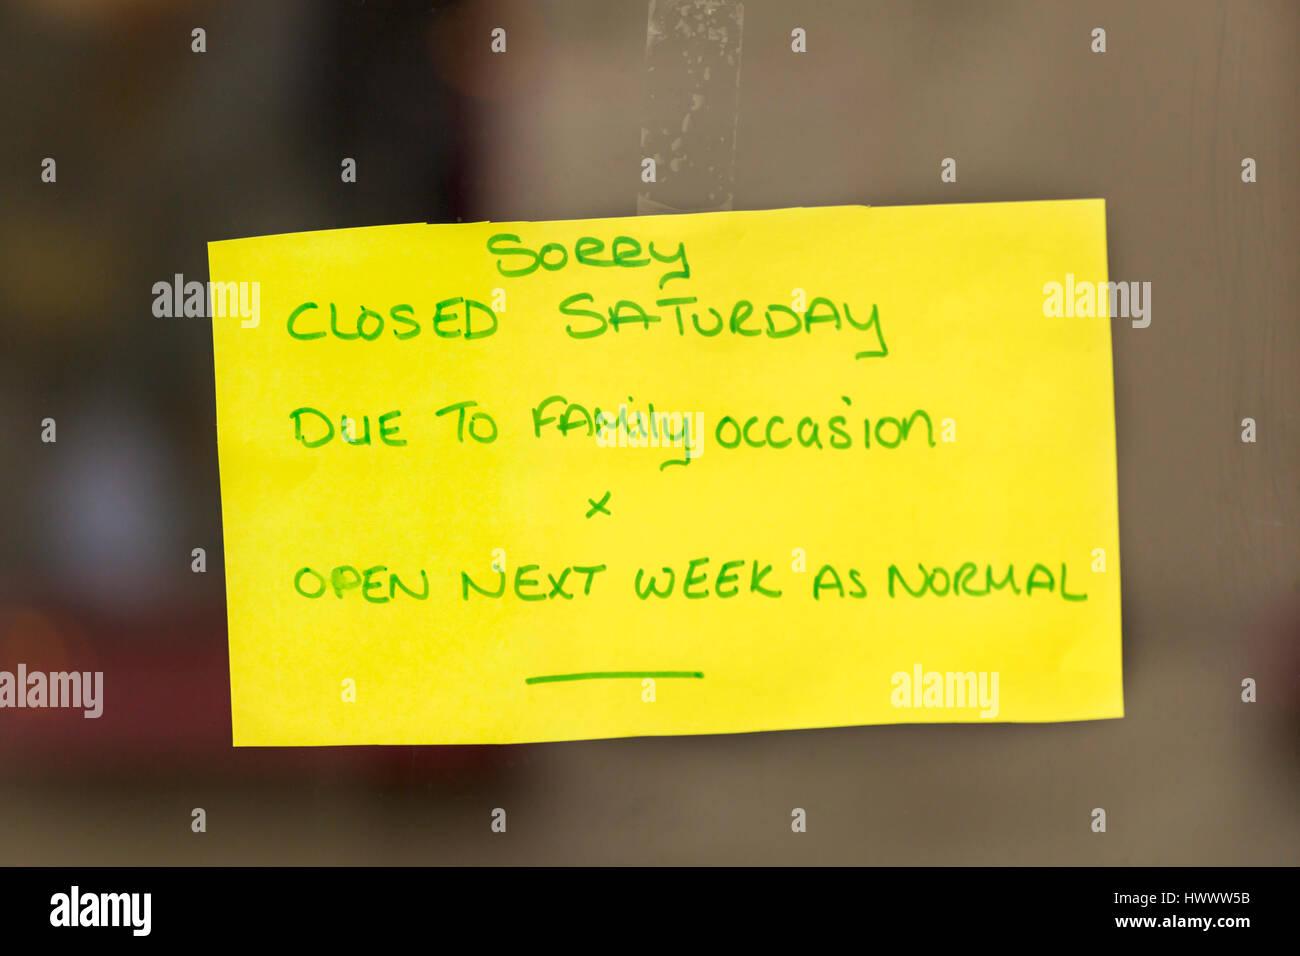 Désolés fermé le samedi en raison de l'occasion de la famille x open la semaine prochaine comme Photo Stock